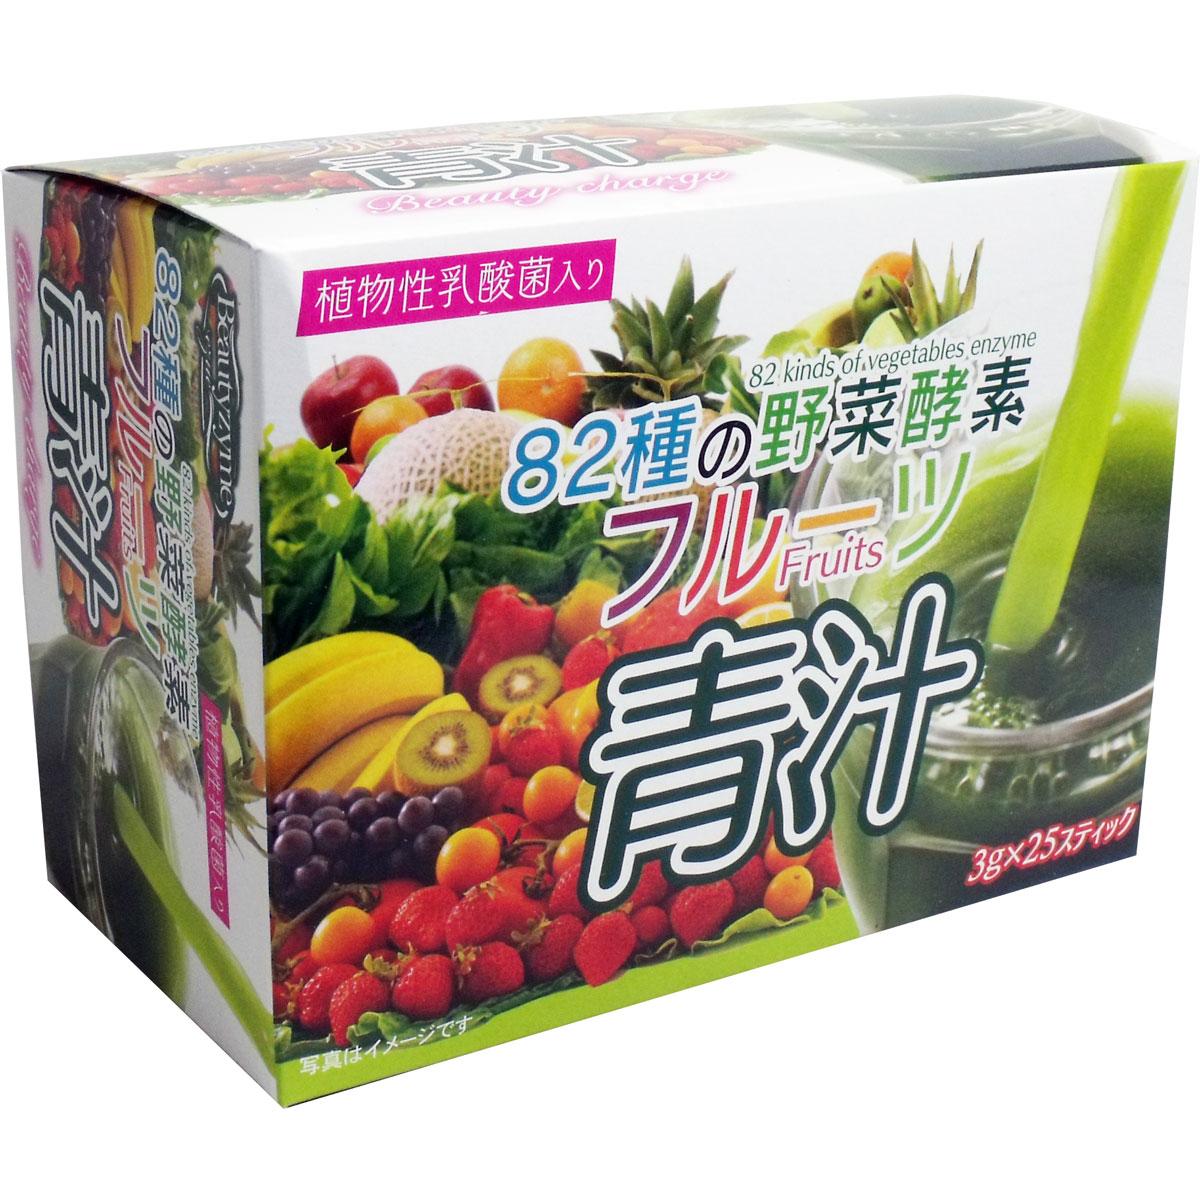 ※82種の野菜酵素 フルーツ青汁 3g×25スティック